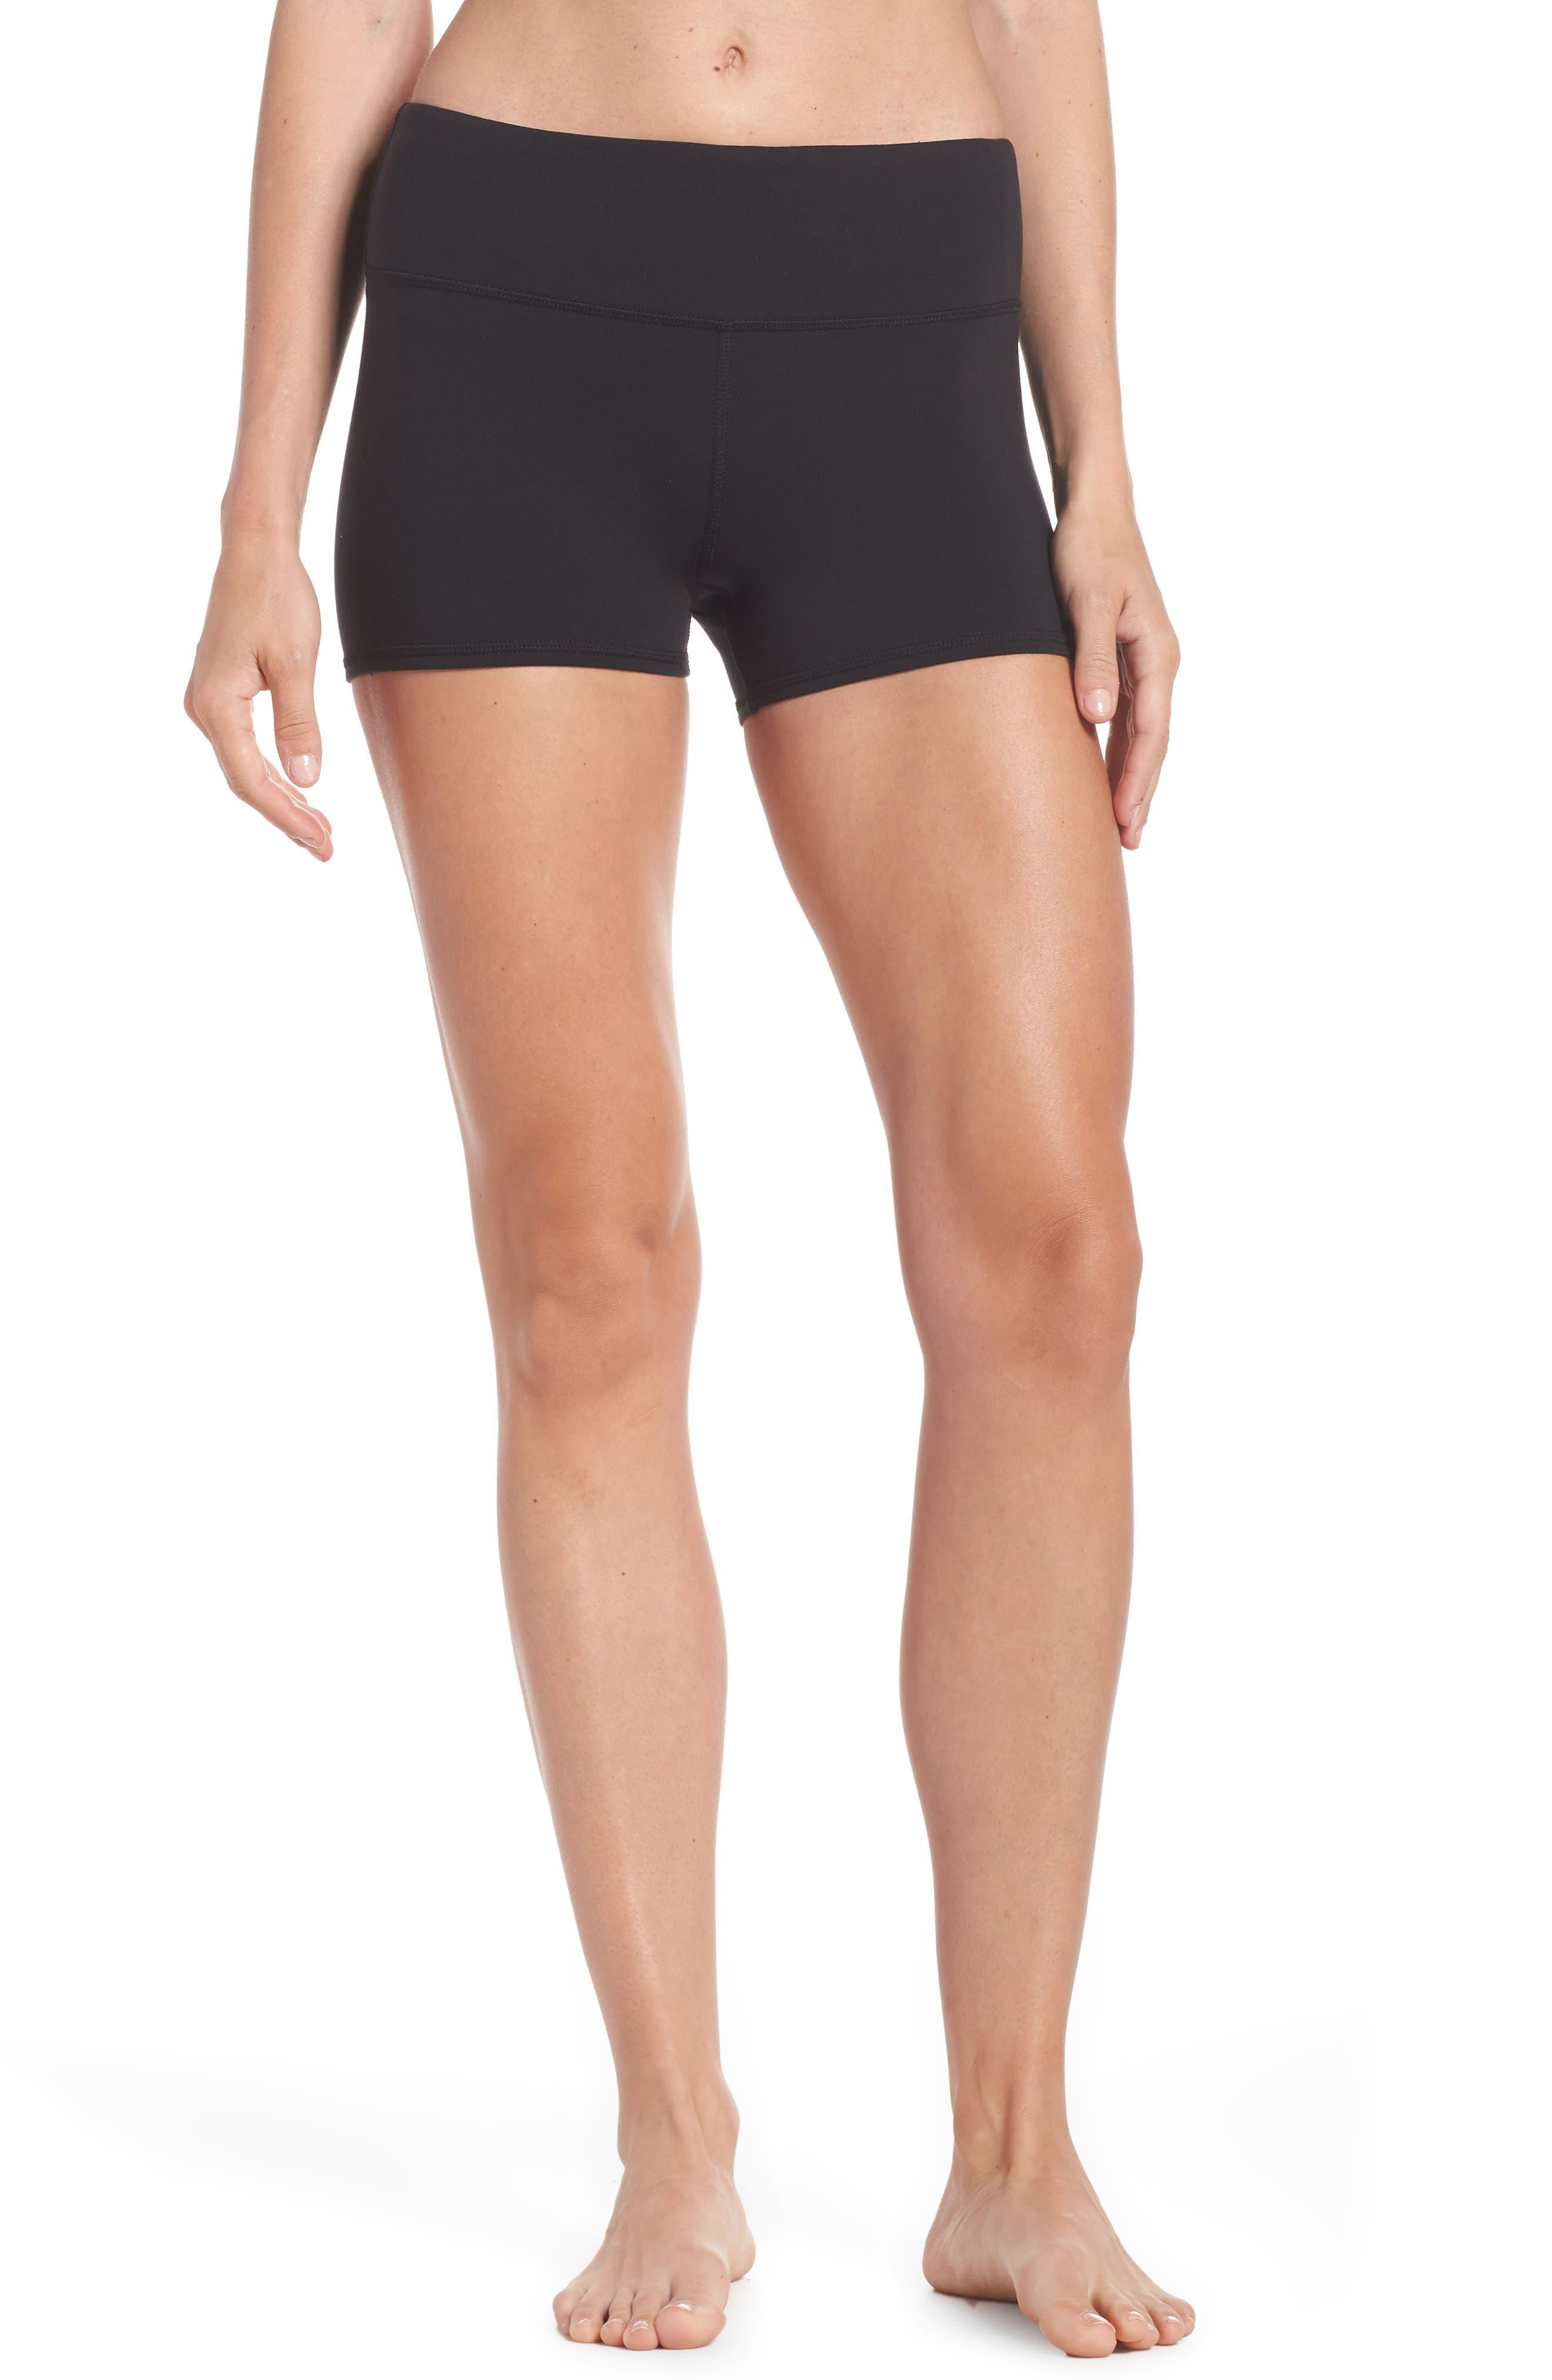 Airbrush Shorts,                             Main thumbnail 1, color,                             BLACK